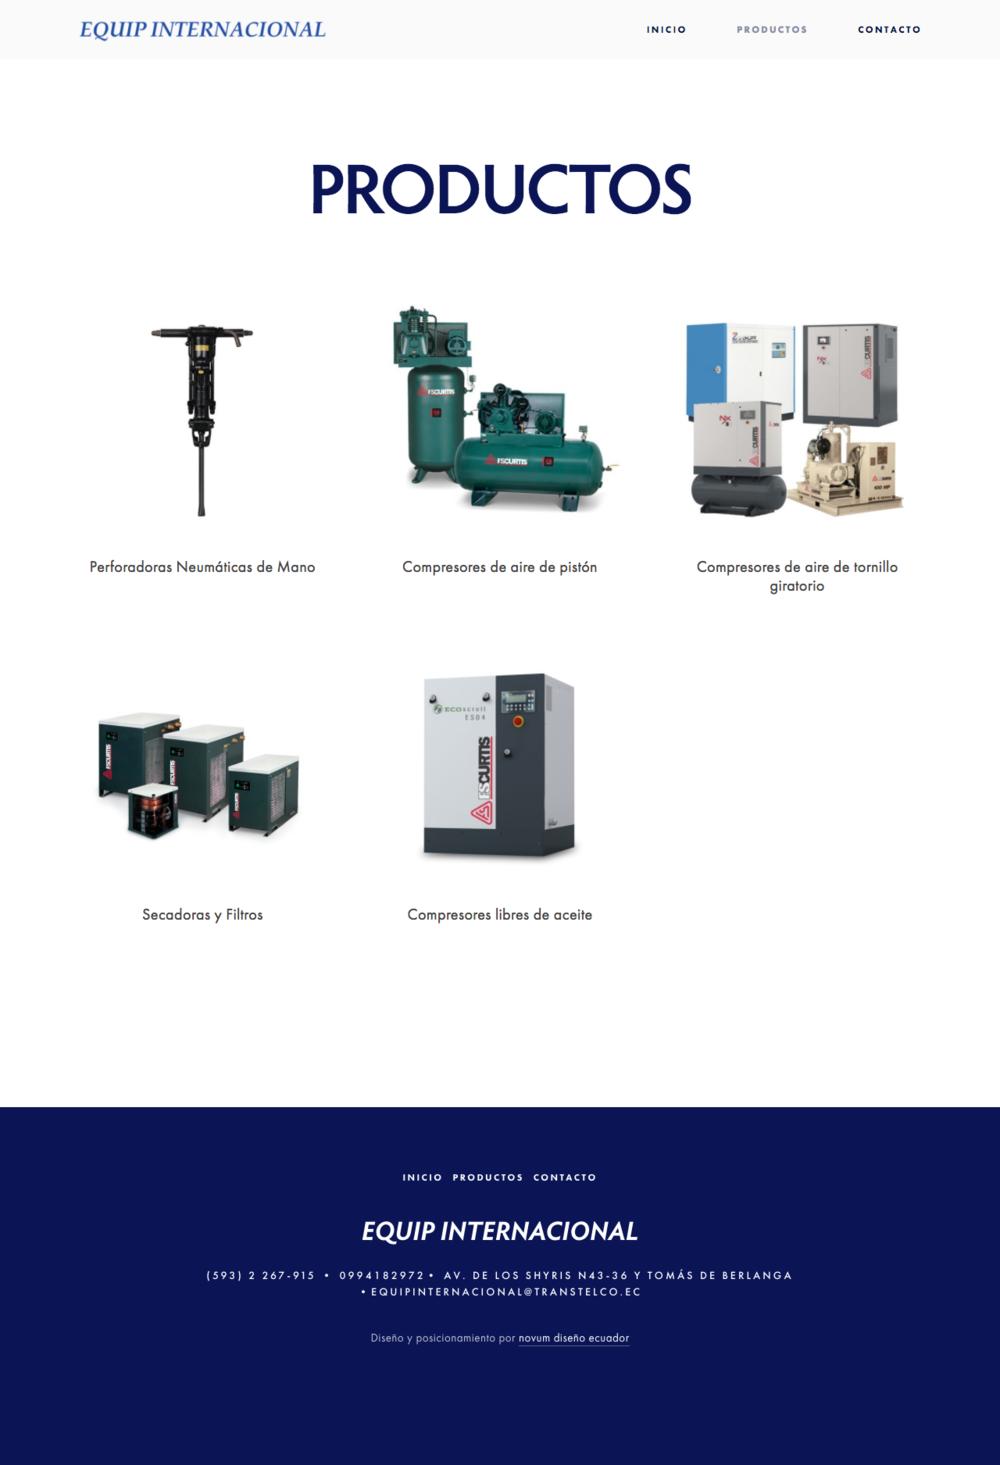 screencapture-equipinternacional-productos-1508184125793.png